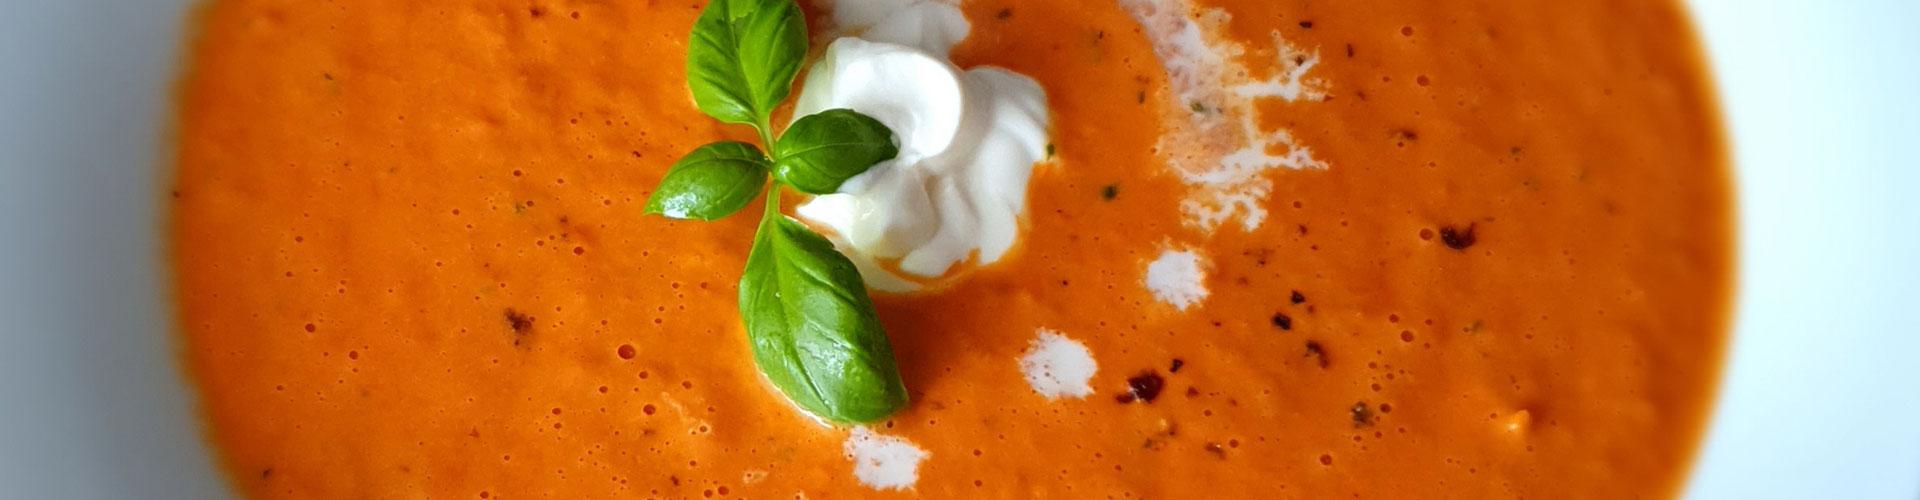 Rezept für Deine Tomatensuppe - Rezept-Buch.de